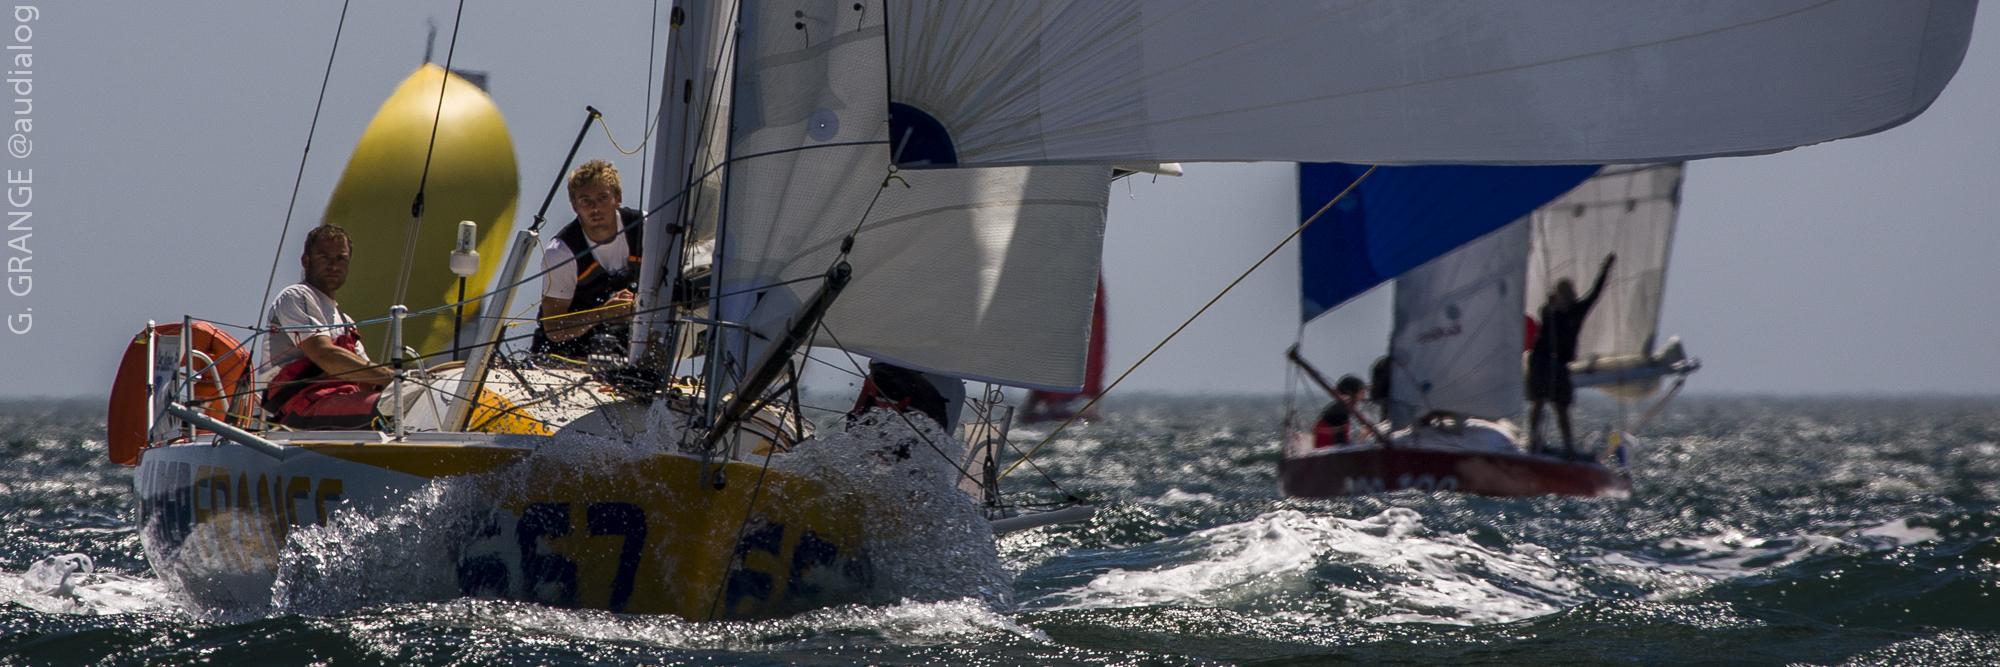 Voiliers Classe Mini 6.50 Sous Spi Skipper en action lors de la course au large